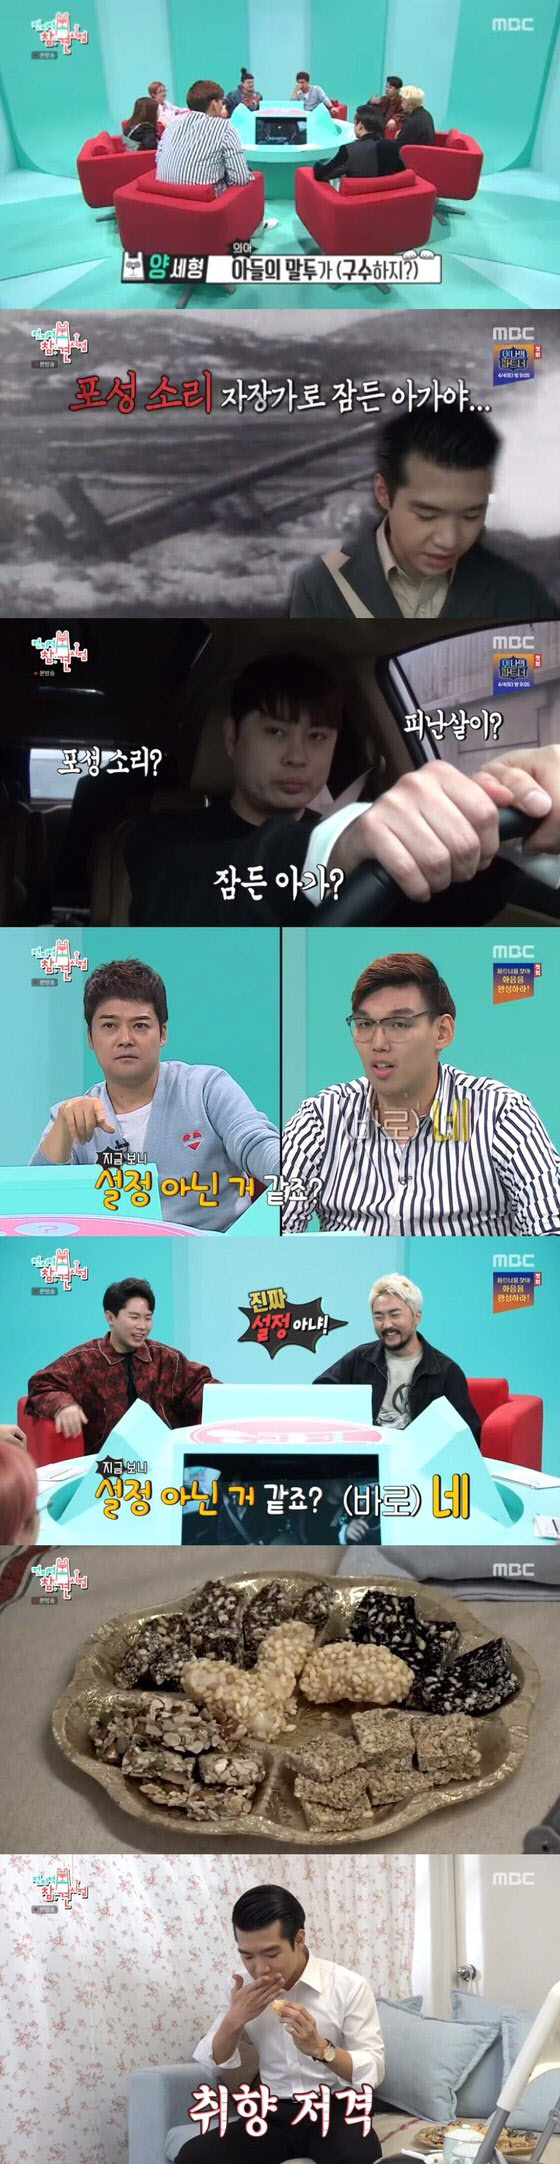 """'전참시' 트로트 왕자 조명섭 생애 첫 광고 촬영…""""박보검 형만 찍던 걸"""""""